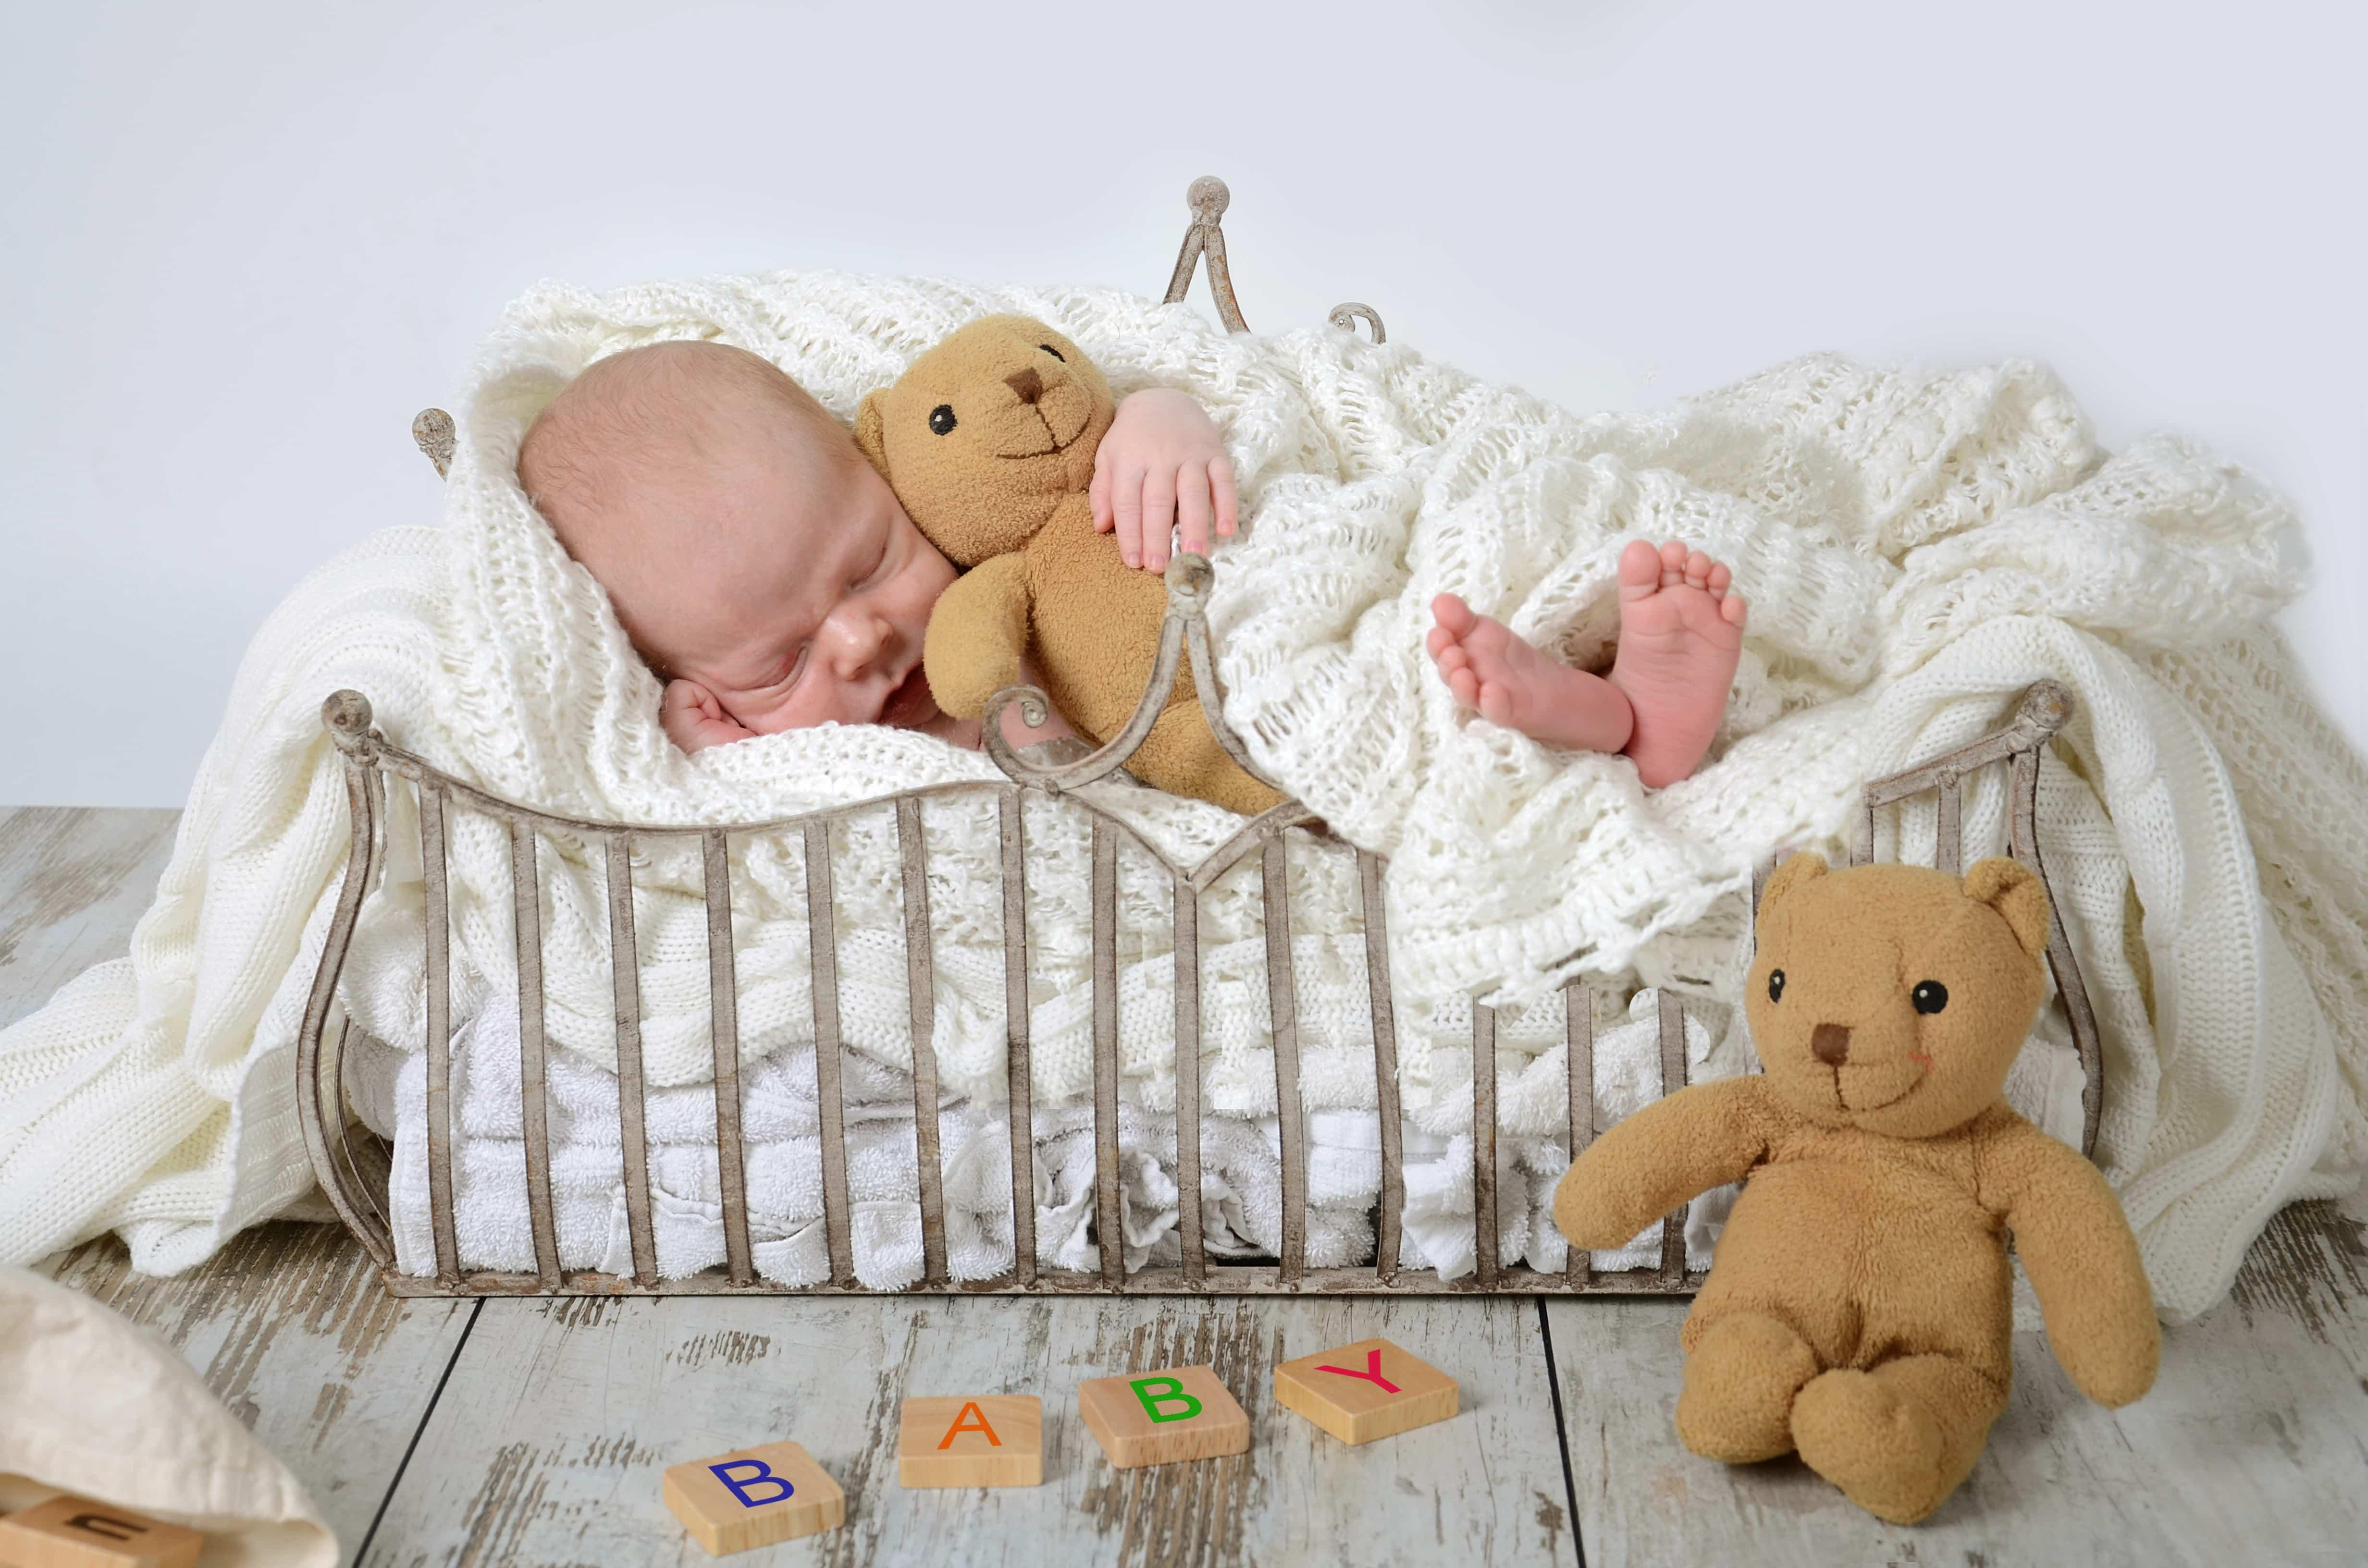 Canastillas hospital beb de par s - Canastillas para bebes ...